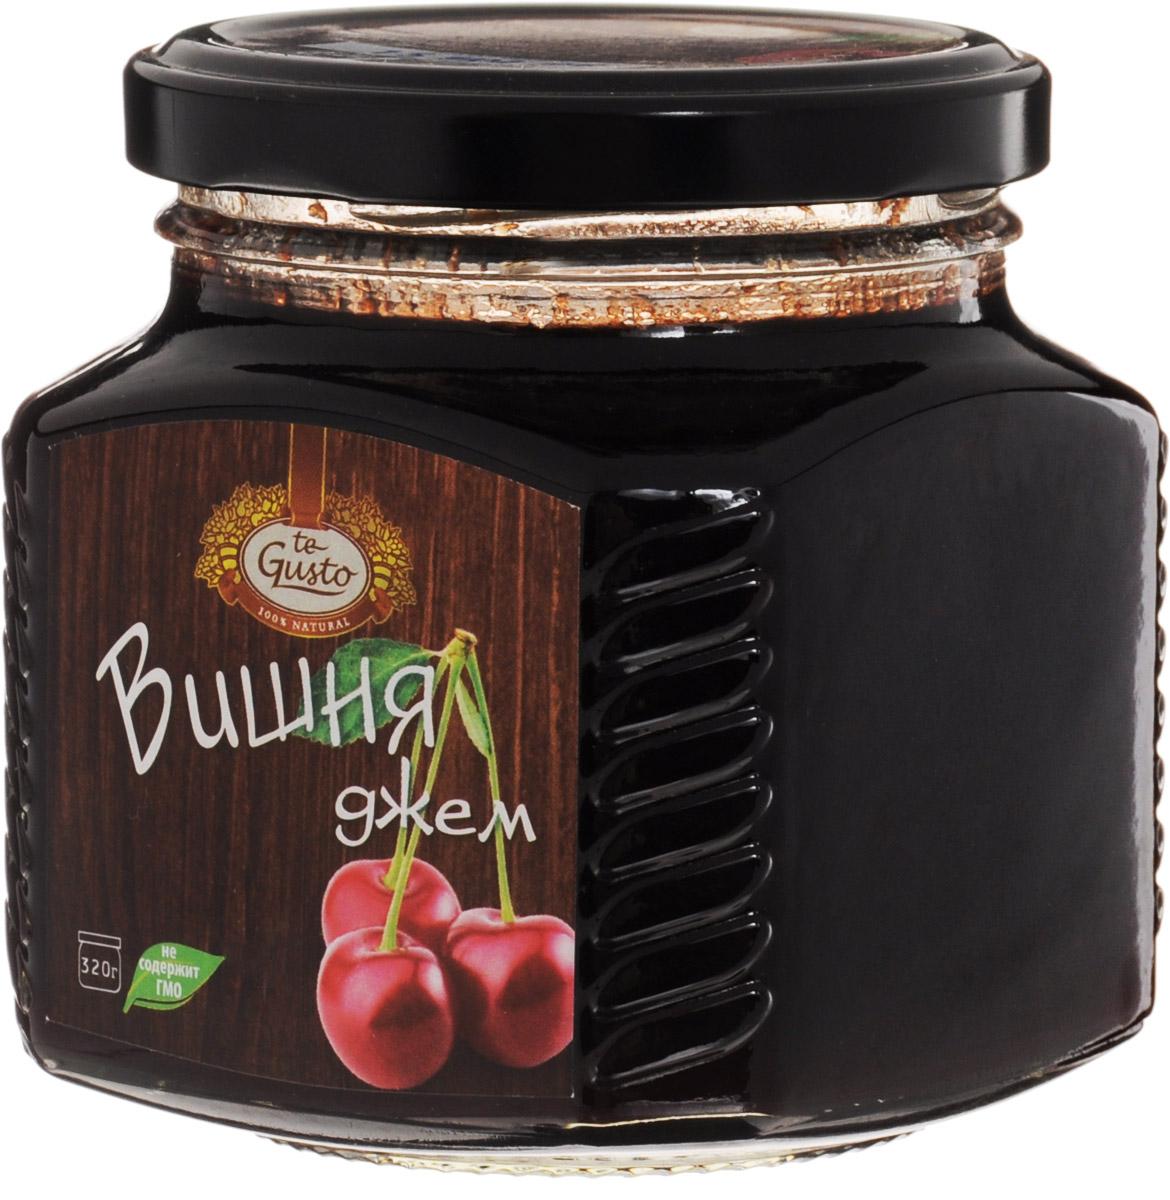 te Gusto Джем из вишни, 320 г1488Ароматный джем te Gusto сварен из вишни, имеет желеобразную консистенцию с крупными кусочками фруктов. Для приготовления используются только свежие, тщательно отобранные плоды, созревшие в экологически чистых местах.Вишня благотворно воздействует на общее состояние организма, укрепляет иммунитет, стимулирует обменные процессы и сводит к минимуму риск развития онкологических заболеваний. Кроме того, джем обладает способностью уничтожать вредоносные бактерии и помогает при простудных заболеваниях, оказывая активное отхаркивающее действие. Пектины понижают уровень холестерина, улучшают пищеварение и нормализуют перистальтику кишечника.